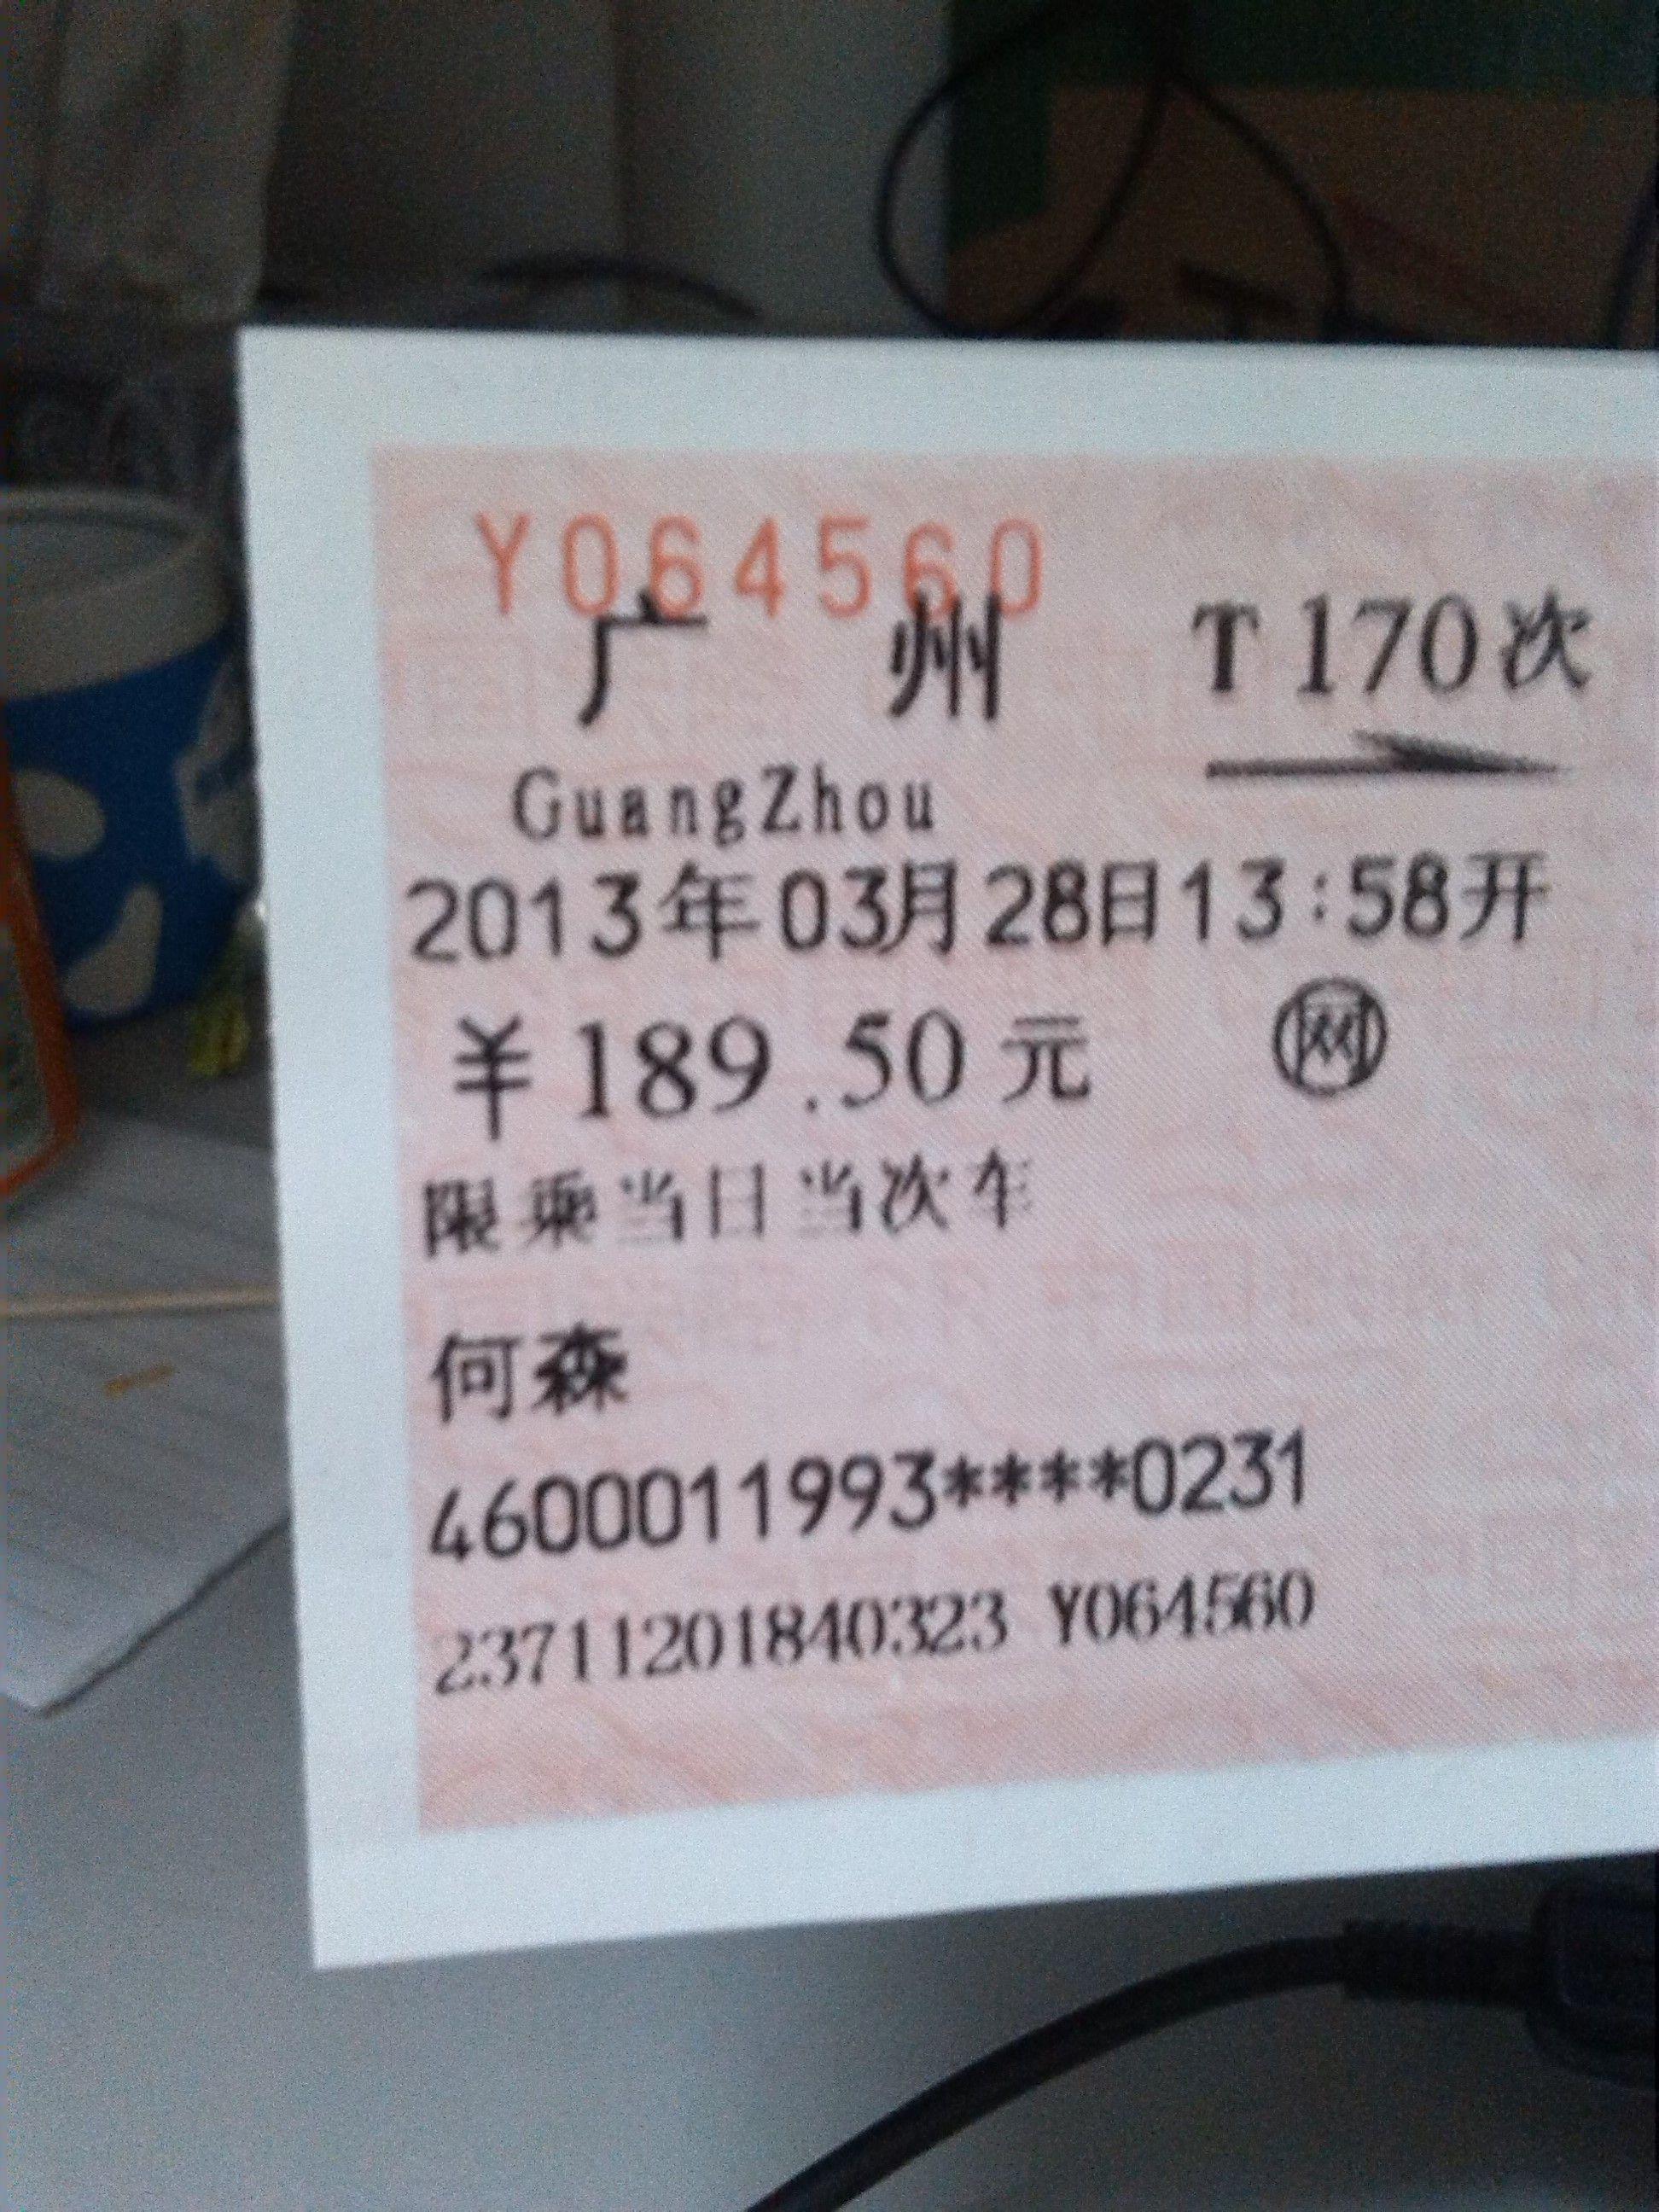 广州至北京火车票价_请问火车票上写的广东到XX,是到越秀区的那个广州火车站坐吗 ...